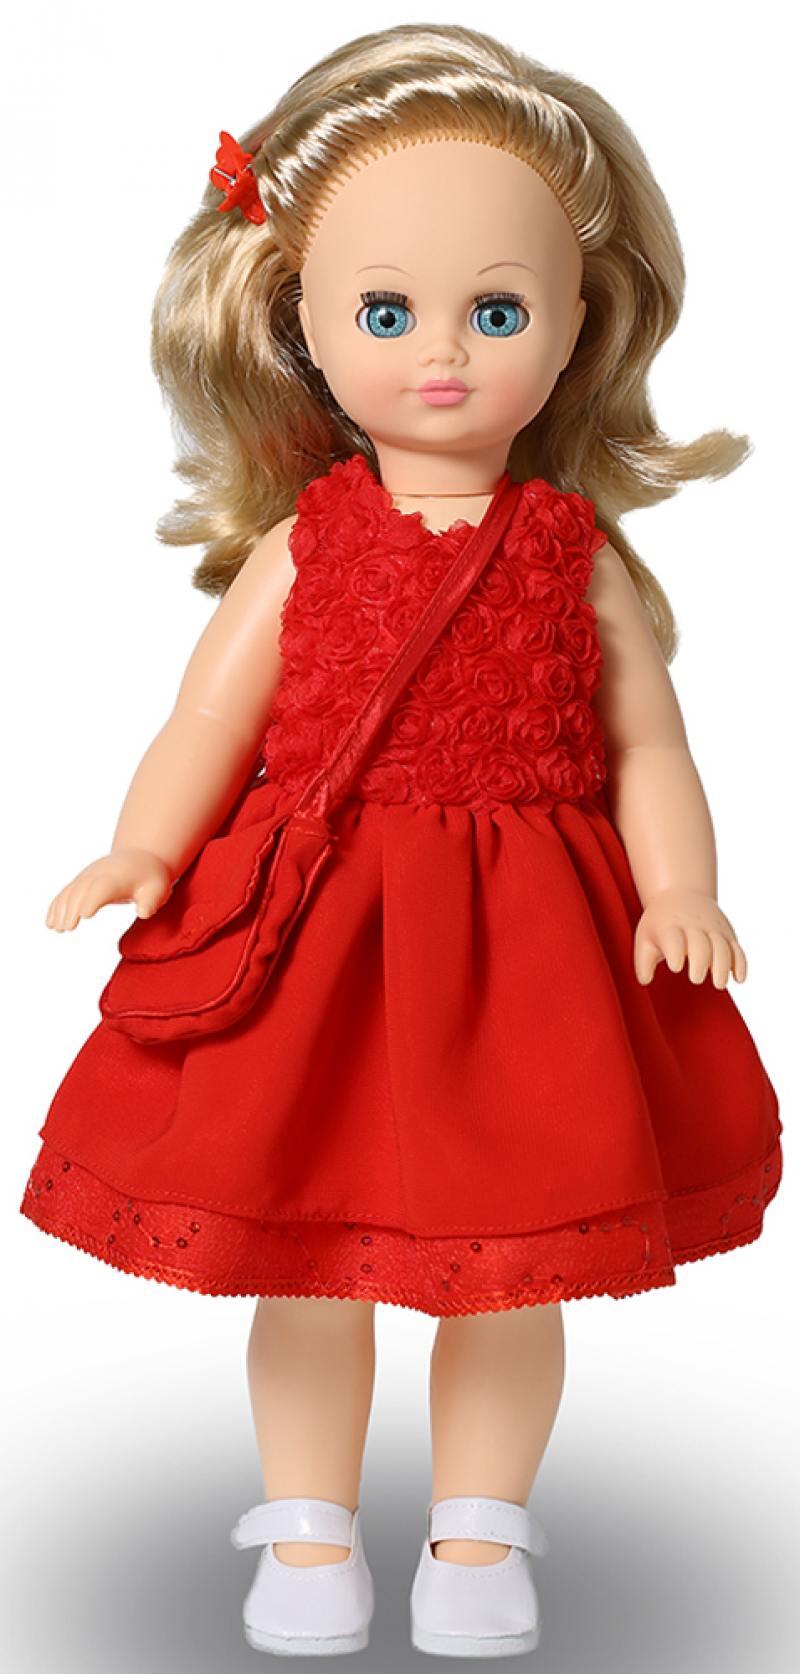 Кукла ВЕСНА Лиза 6 (озвученная) В2959/о кукла лиза весна 23 озвученная в135 о